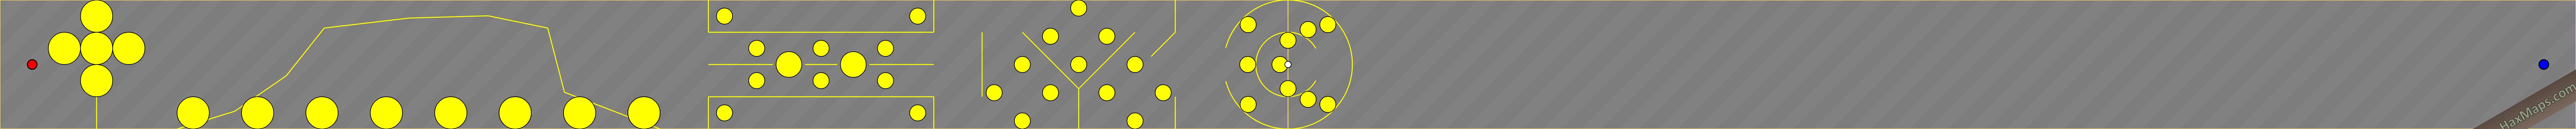 hax ball maps | Yellow - Life